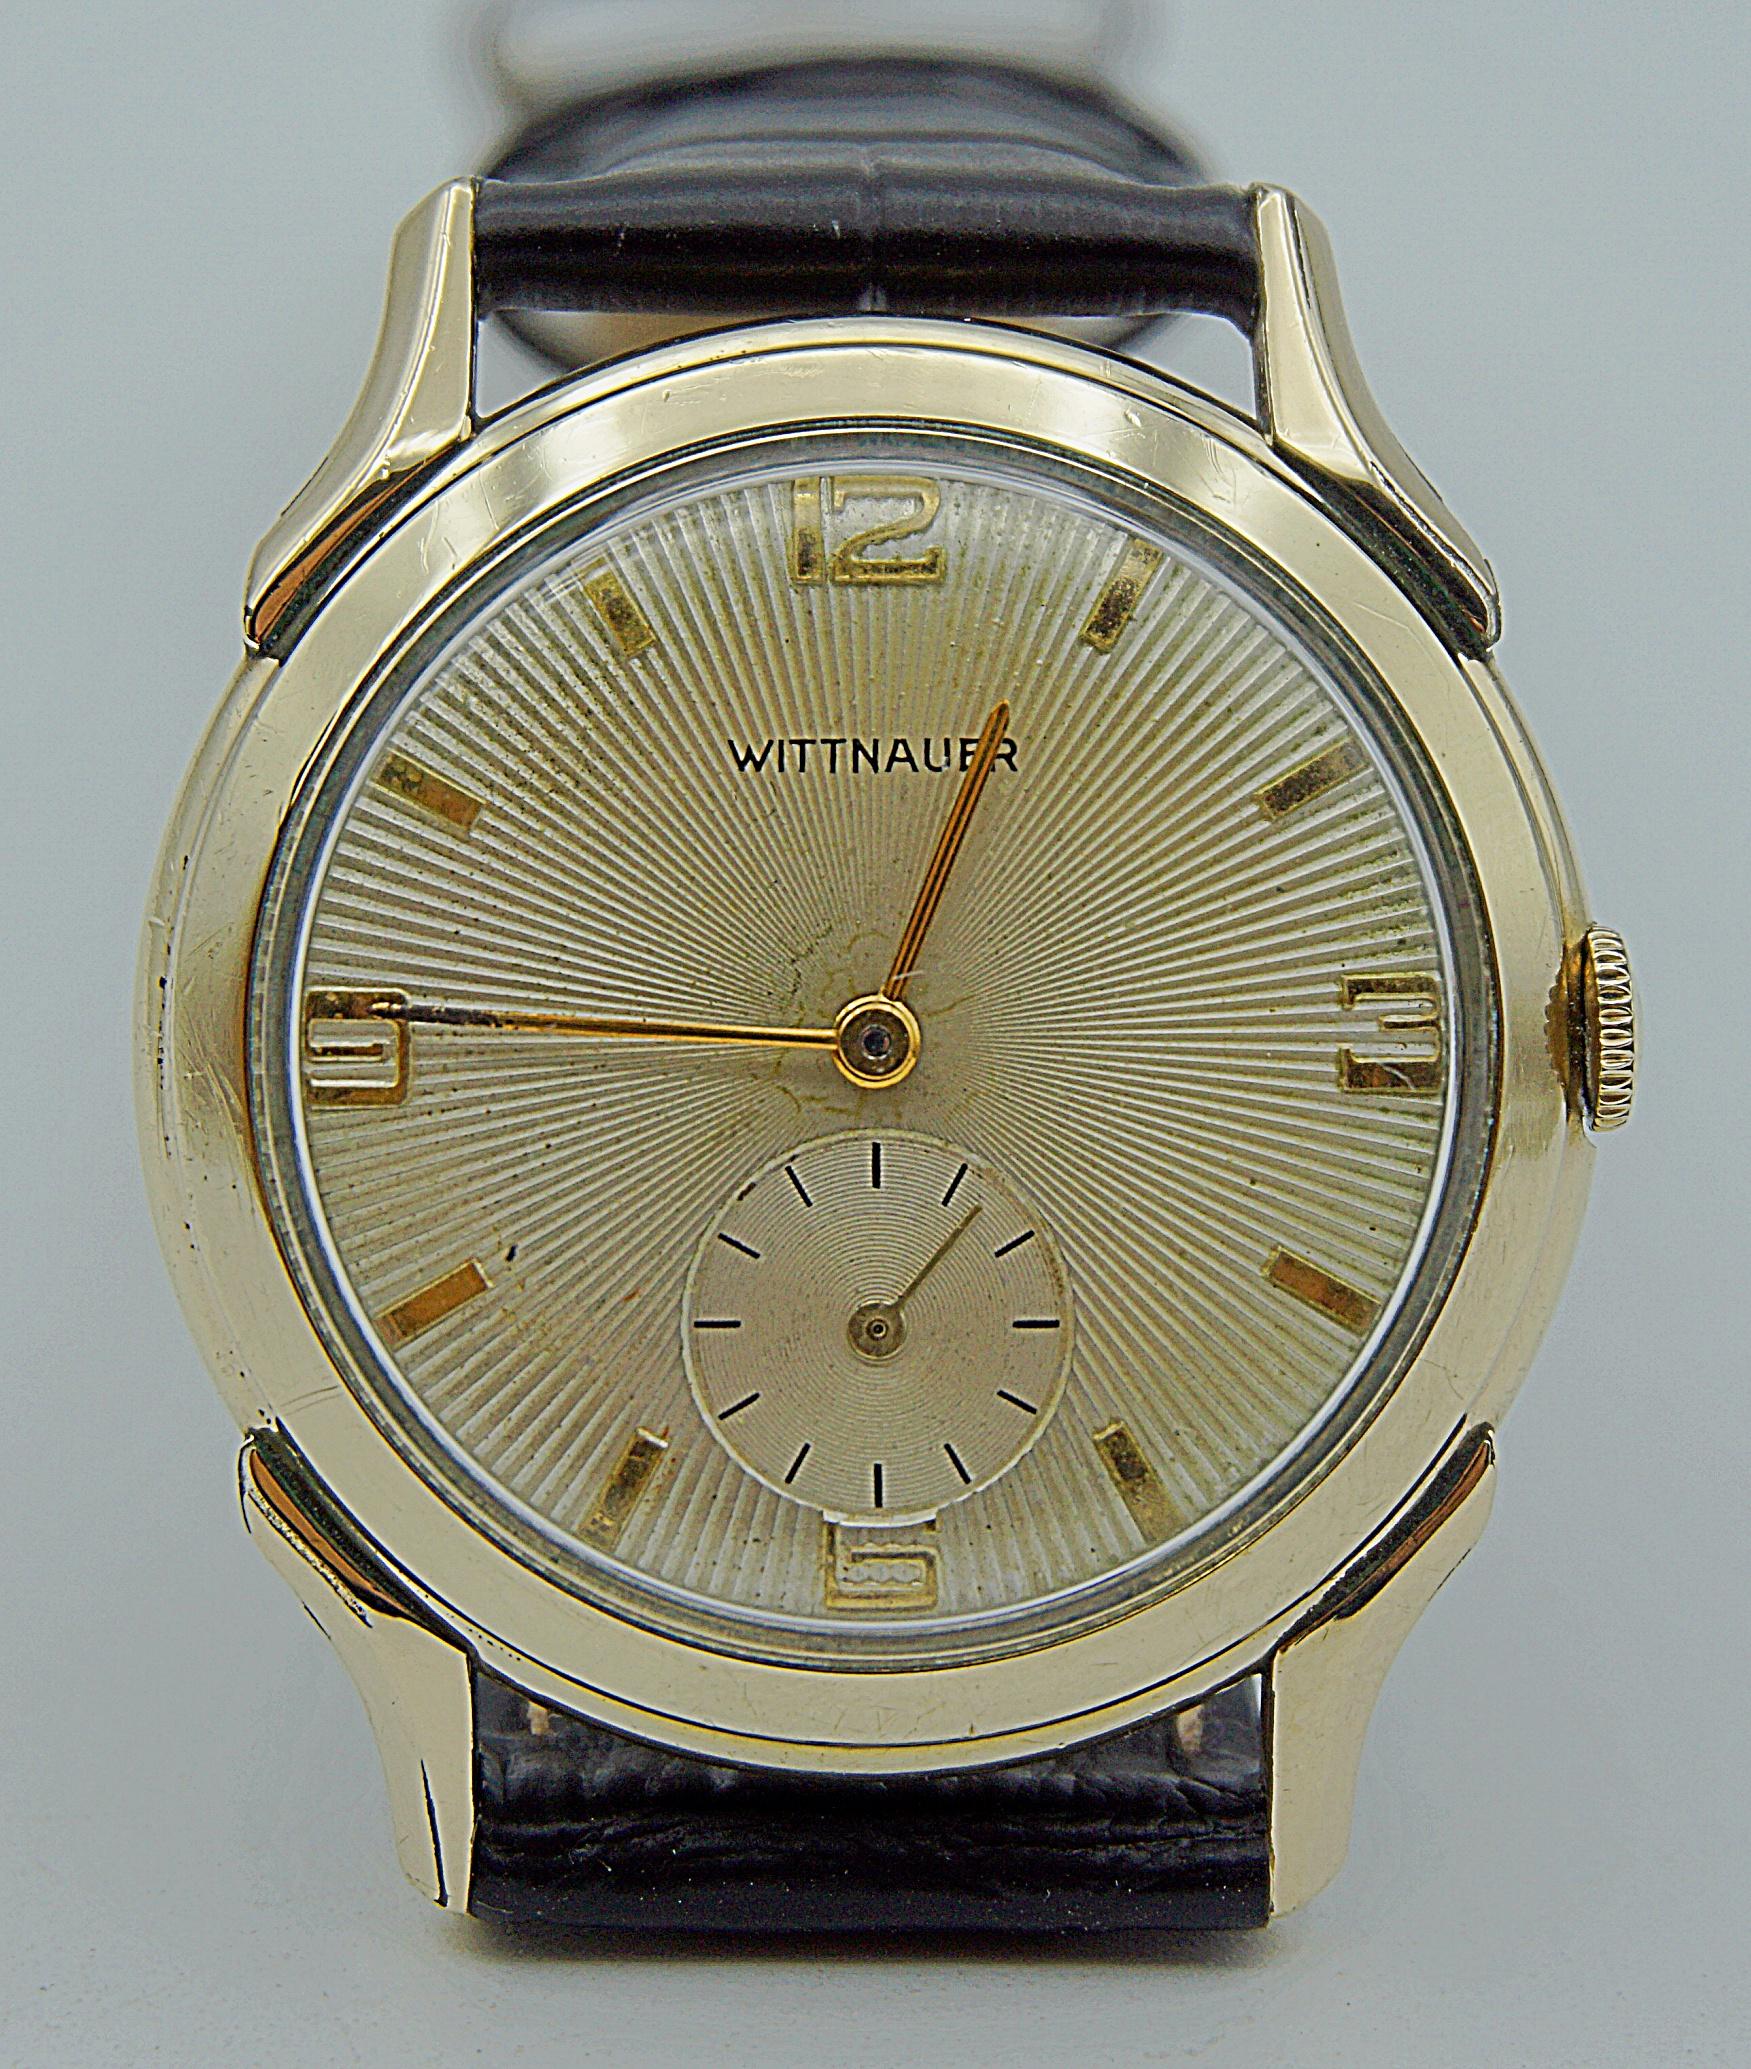 นาฬิกาเก่า WITTNAUER BY LONGINES ไขลานสองเข็มครึ่ง